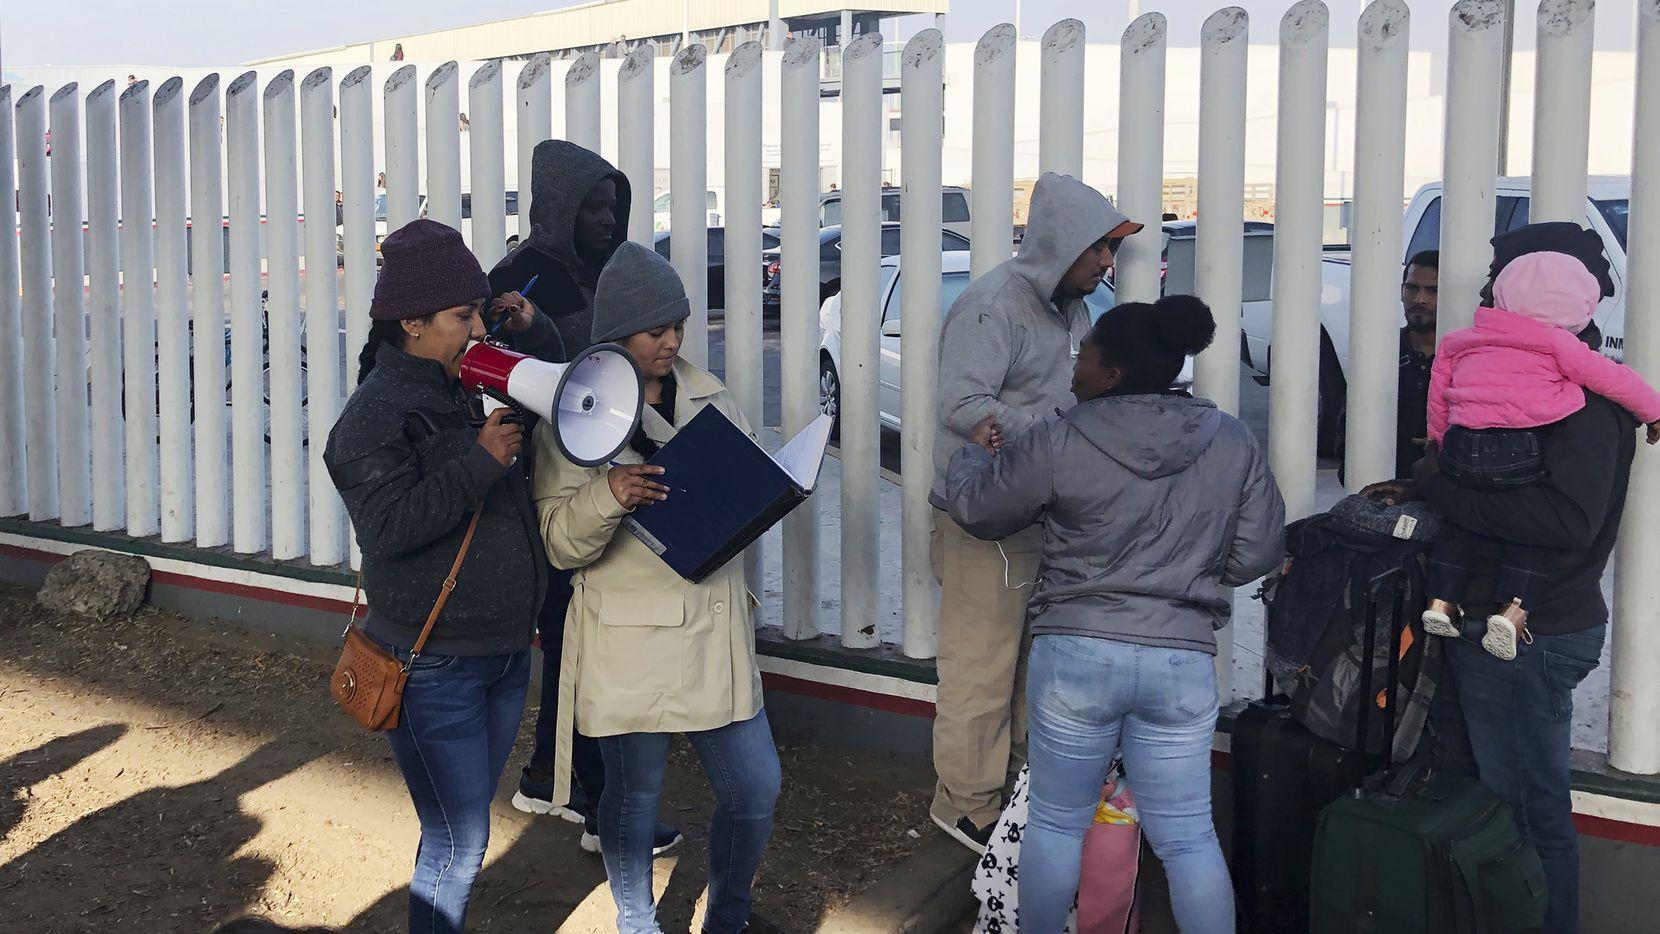 En esta fotografía del 12 de noviembre de 2019, voluntarios llaman por su nombre a personas que están en una lista de espera y que buscan conseguir asilo en Estados Unidos, en la ciudad de Tijuana, México, limítrofe con el territorio estadounidense.